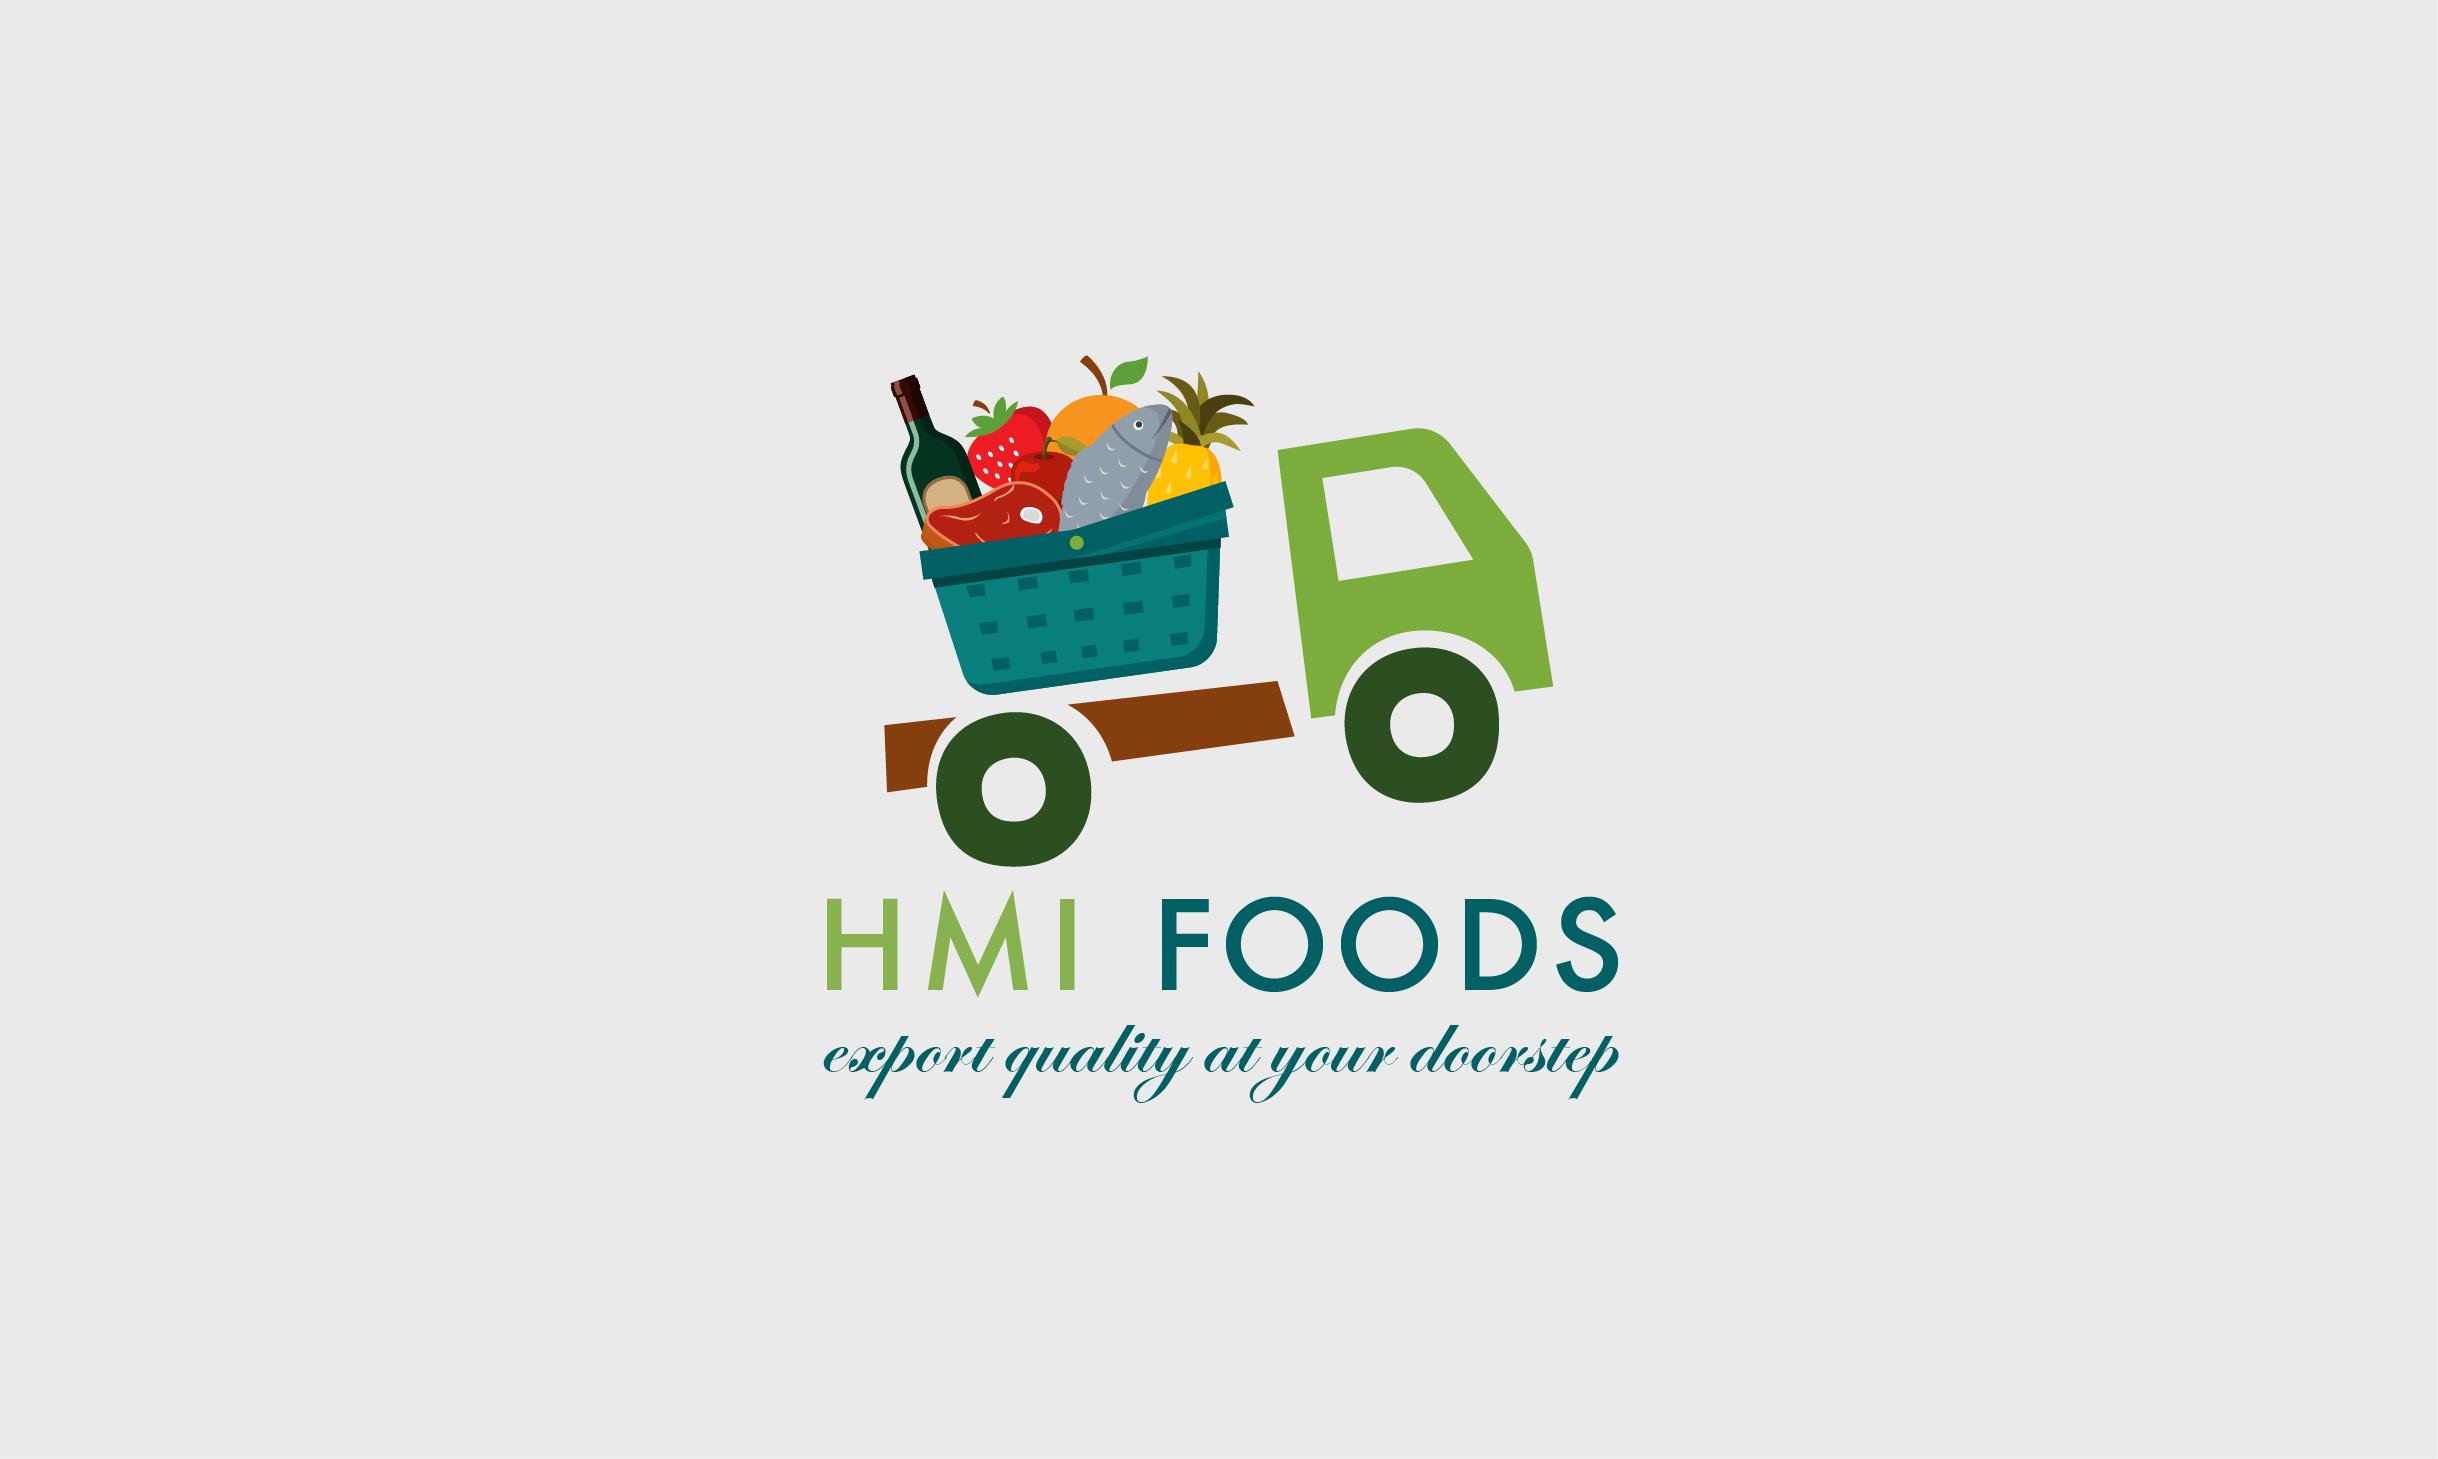 HMI Foods HMI Foods Portfolio feature image Traffic Builder 2  Home Portfolio feature image Traffic Builder 2